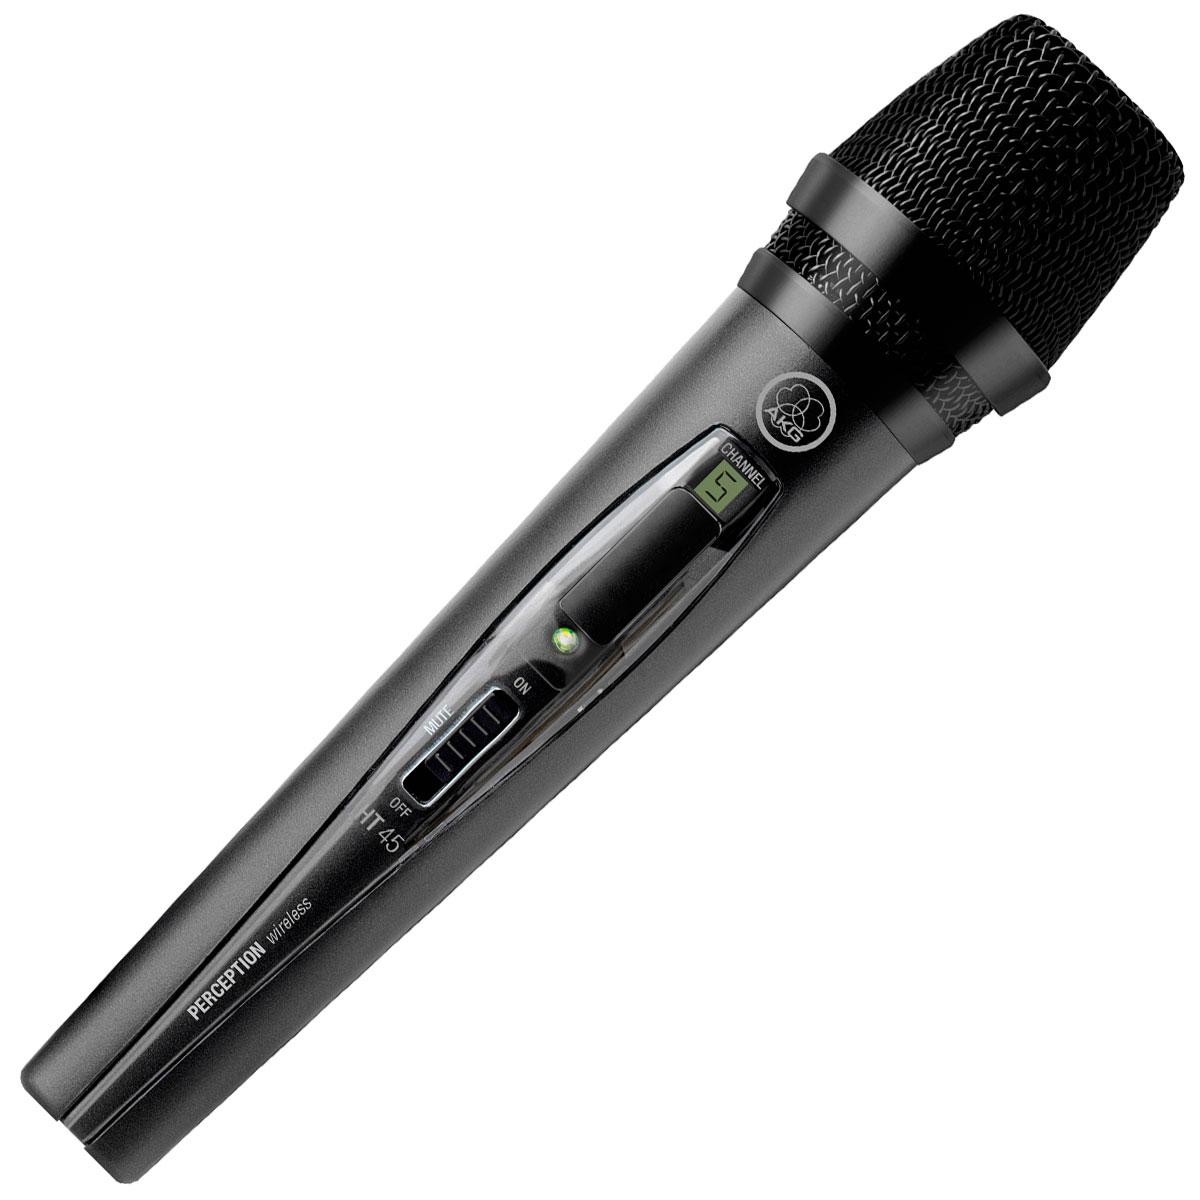 Microfone s/ Fio de Mão UHF Perception PW 45 Vocal - AKG